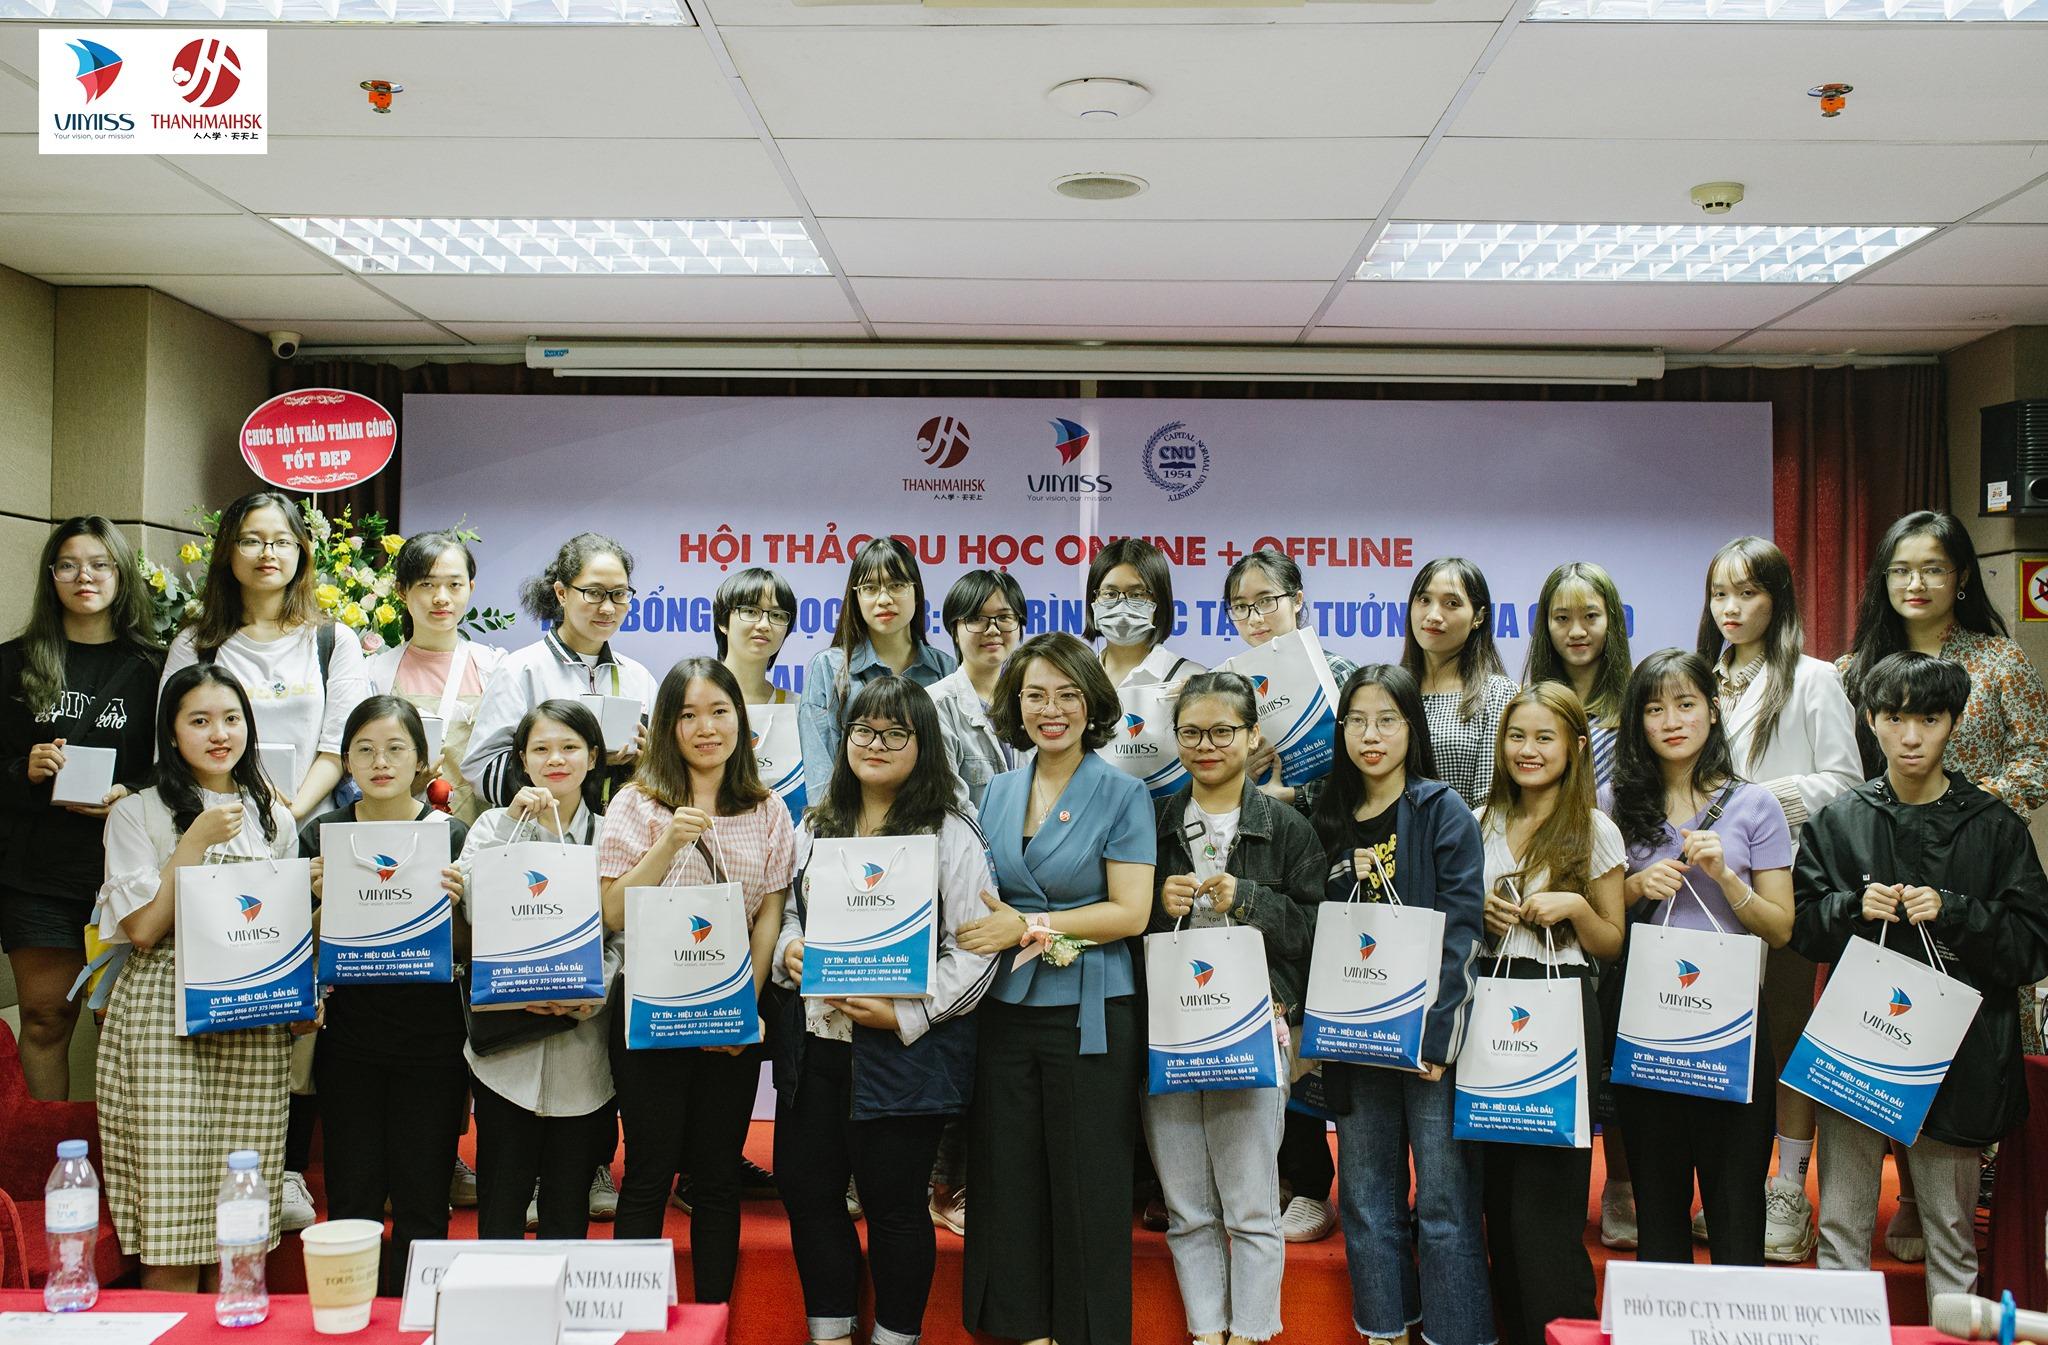 Hình ảnh Top 15 trung tâm tiếng Trung ở Hà Nội tốt hiện nay 4